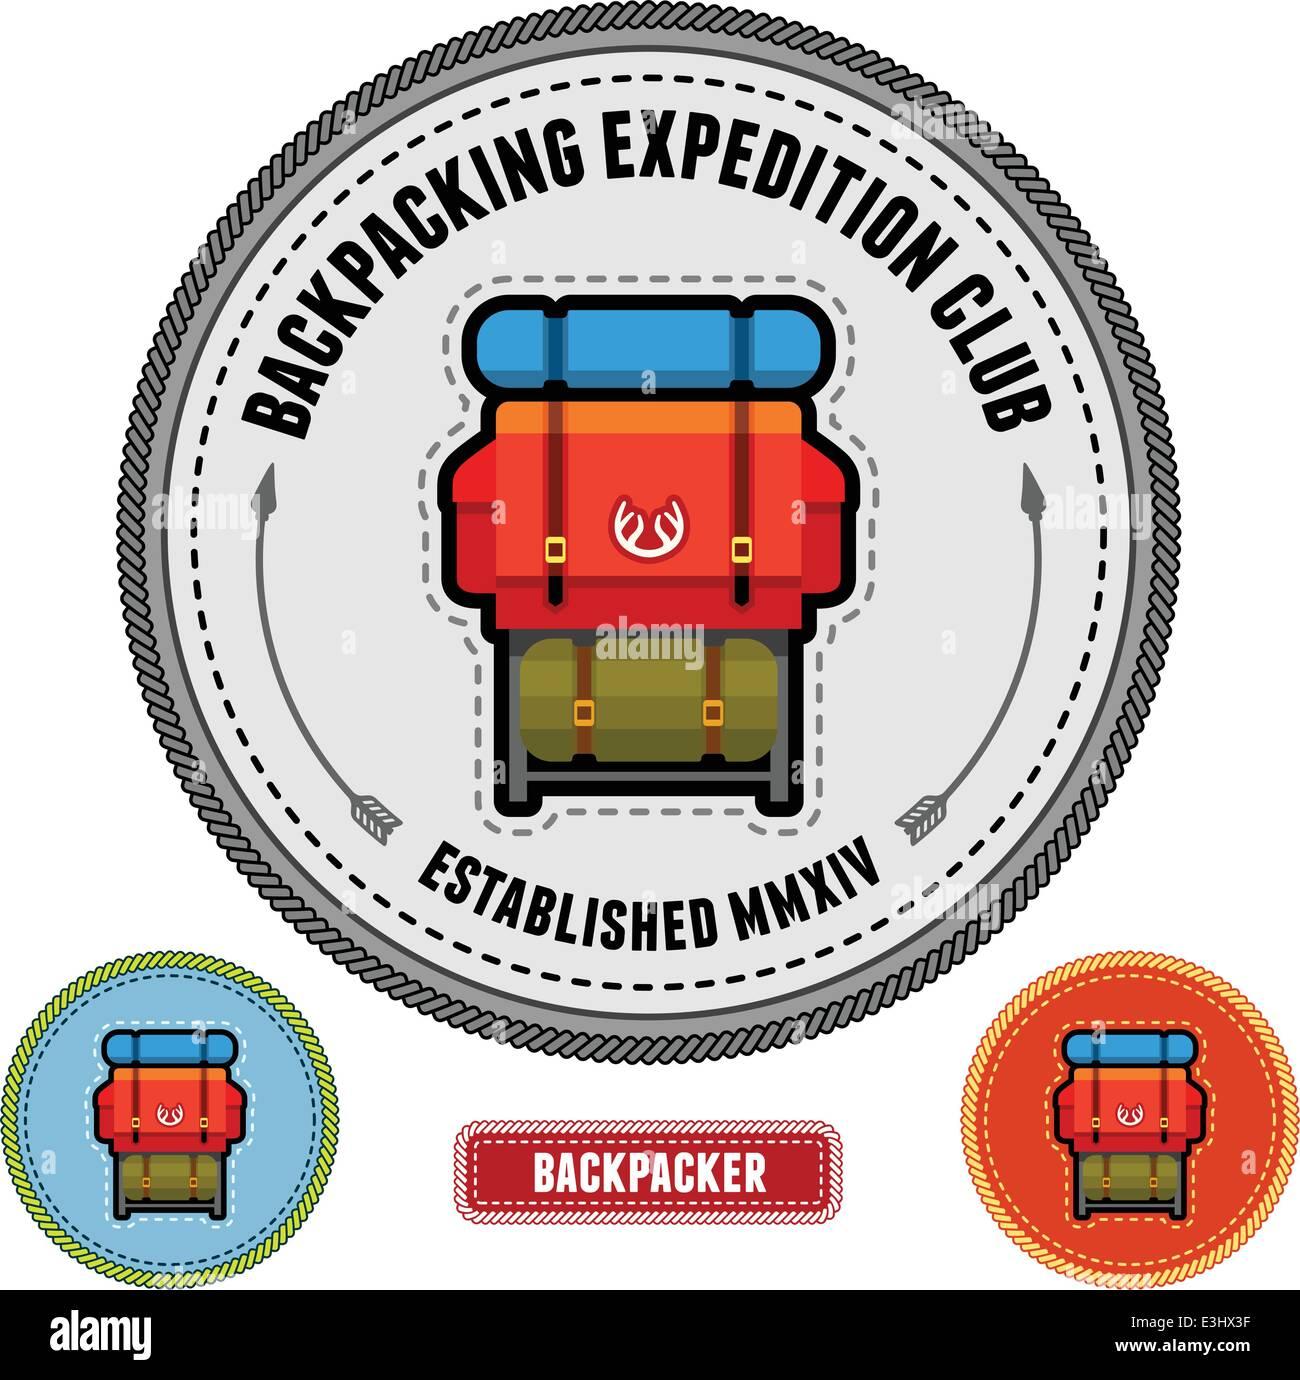 Backpack illustration on a badge emblem patch design - Stock Image